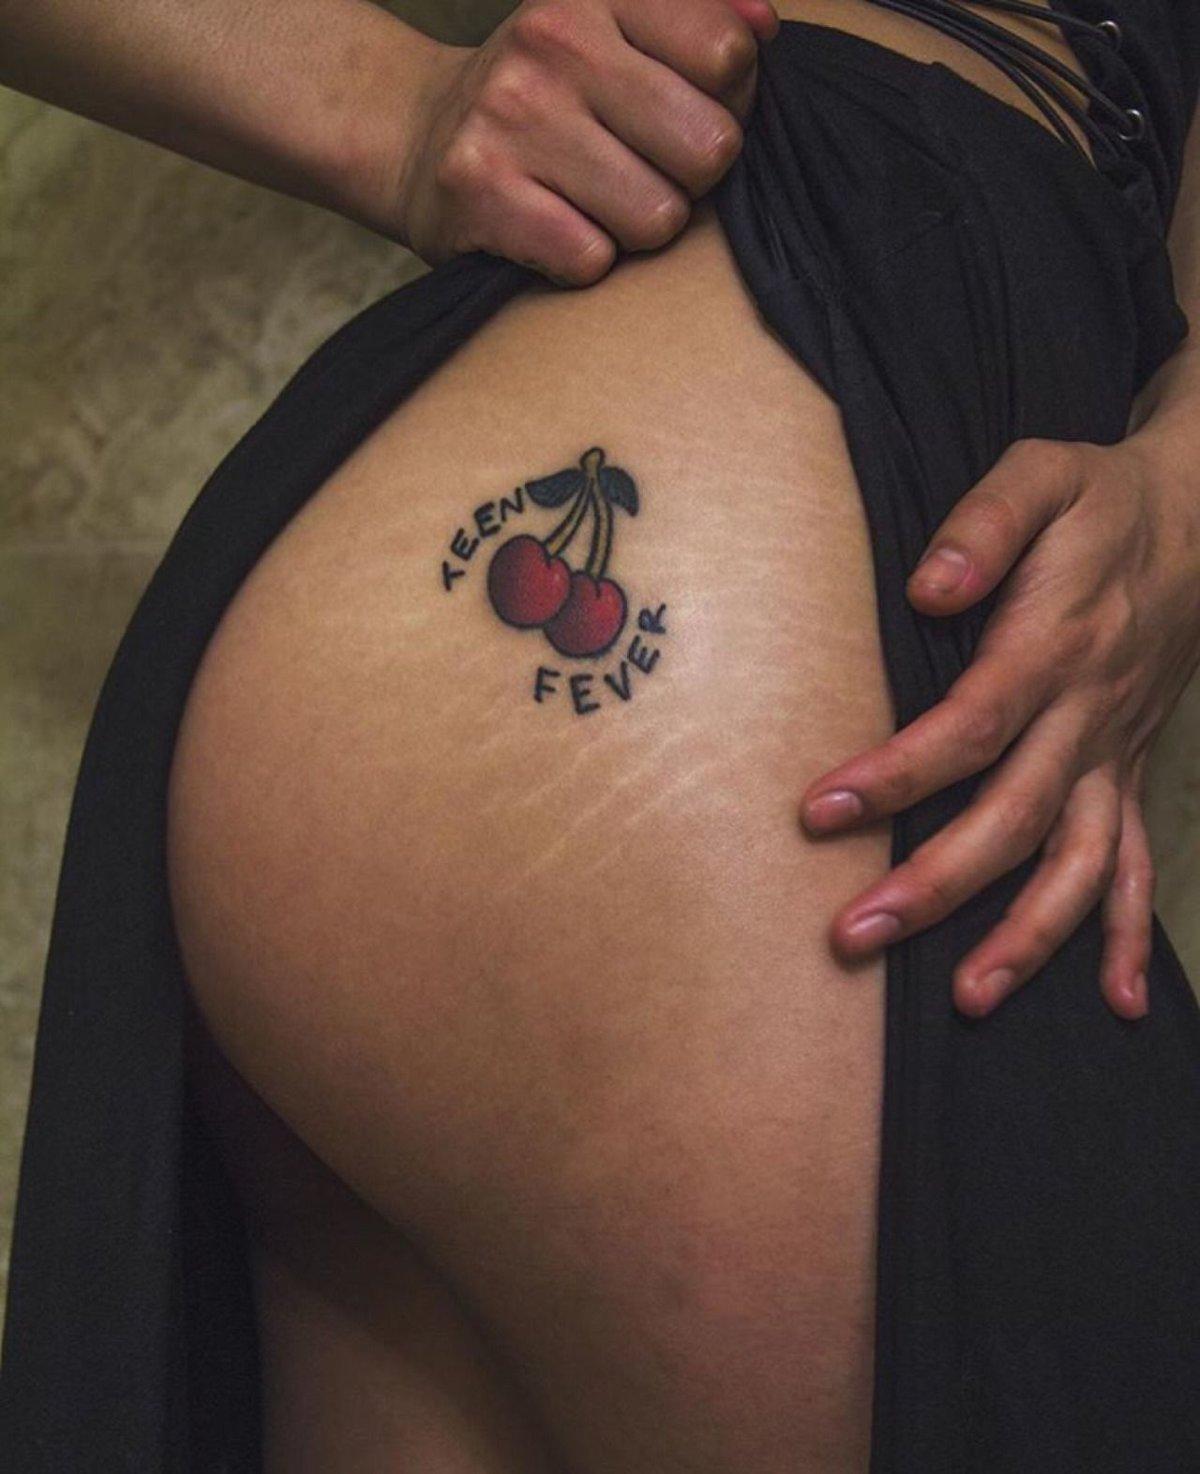 Тату на ягодице : фото татуировки, эскизы